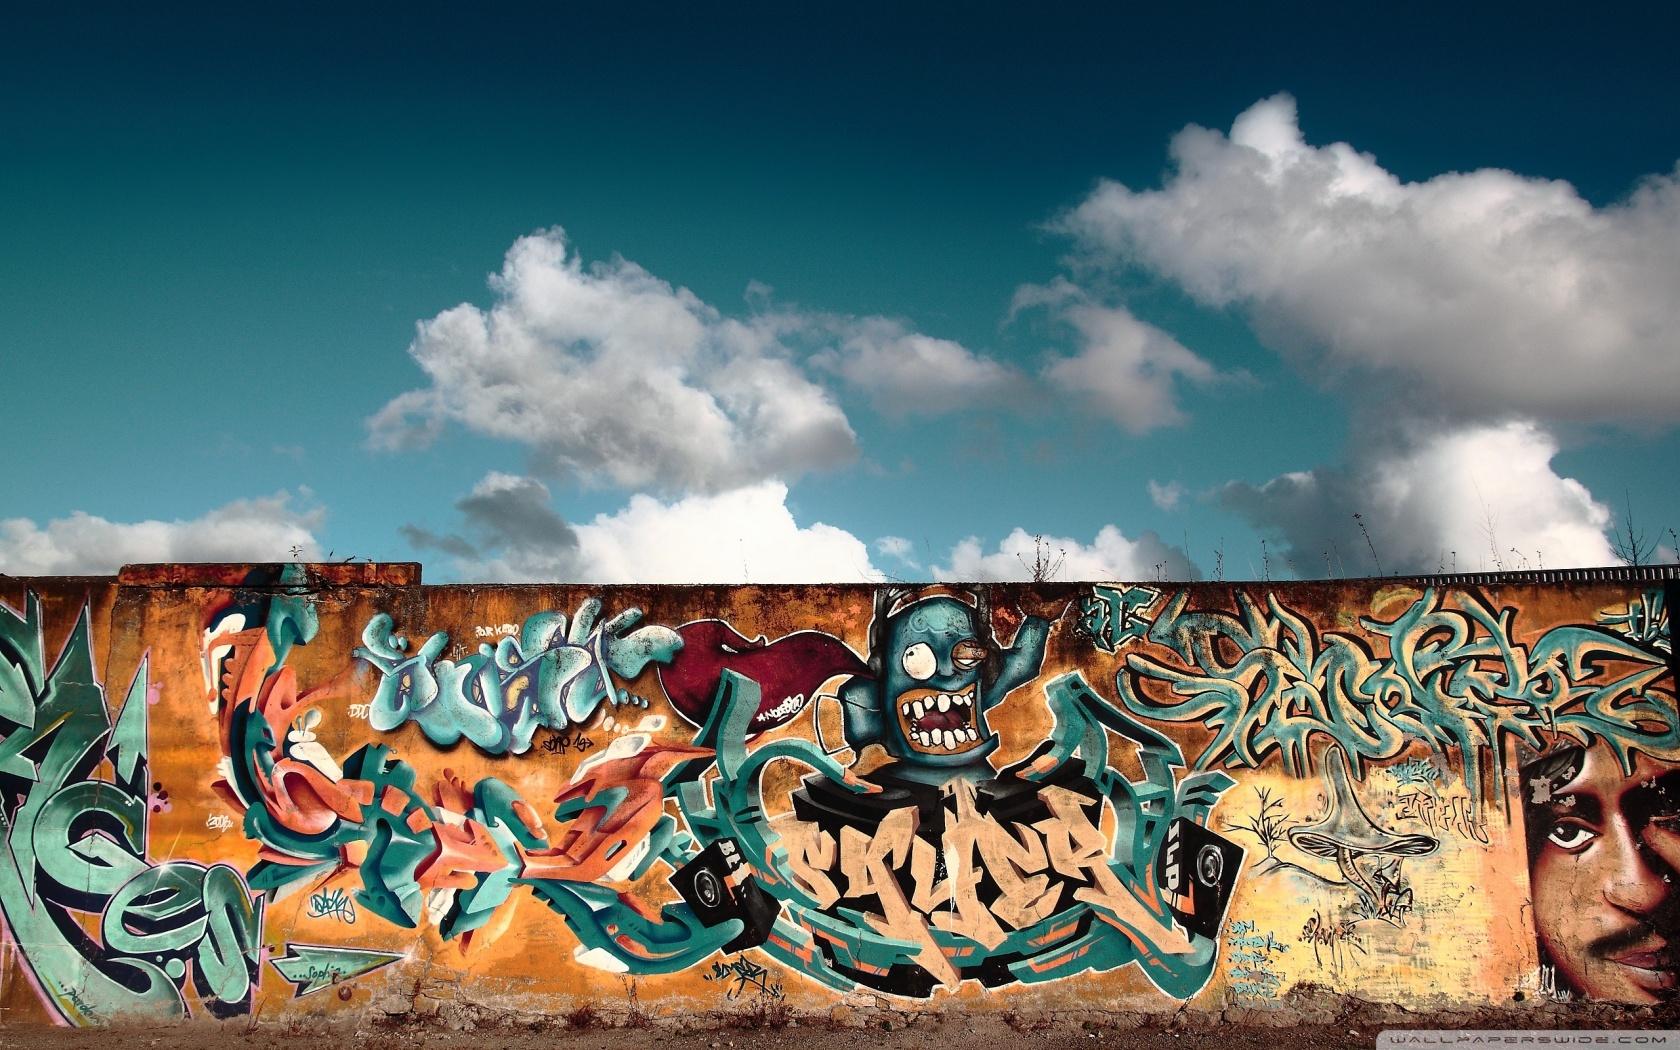 graffiti art wallpaper #9